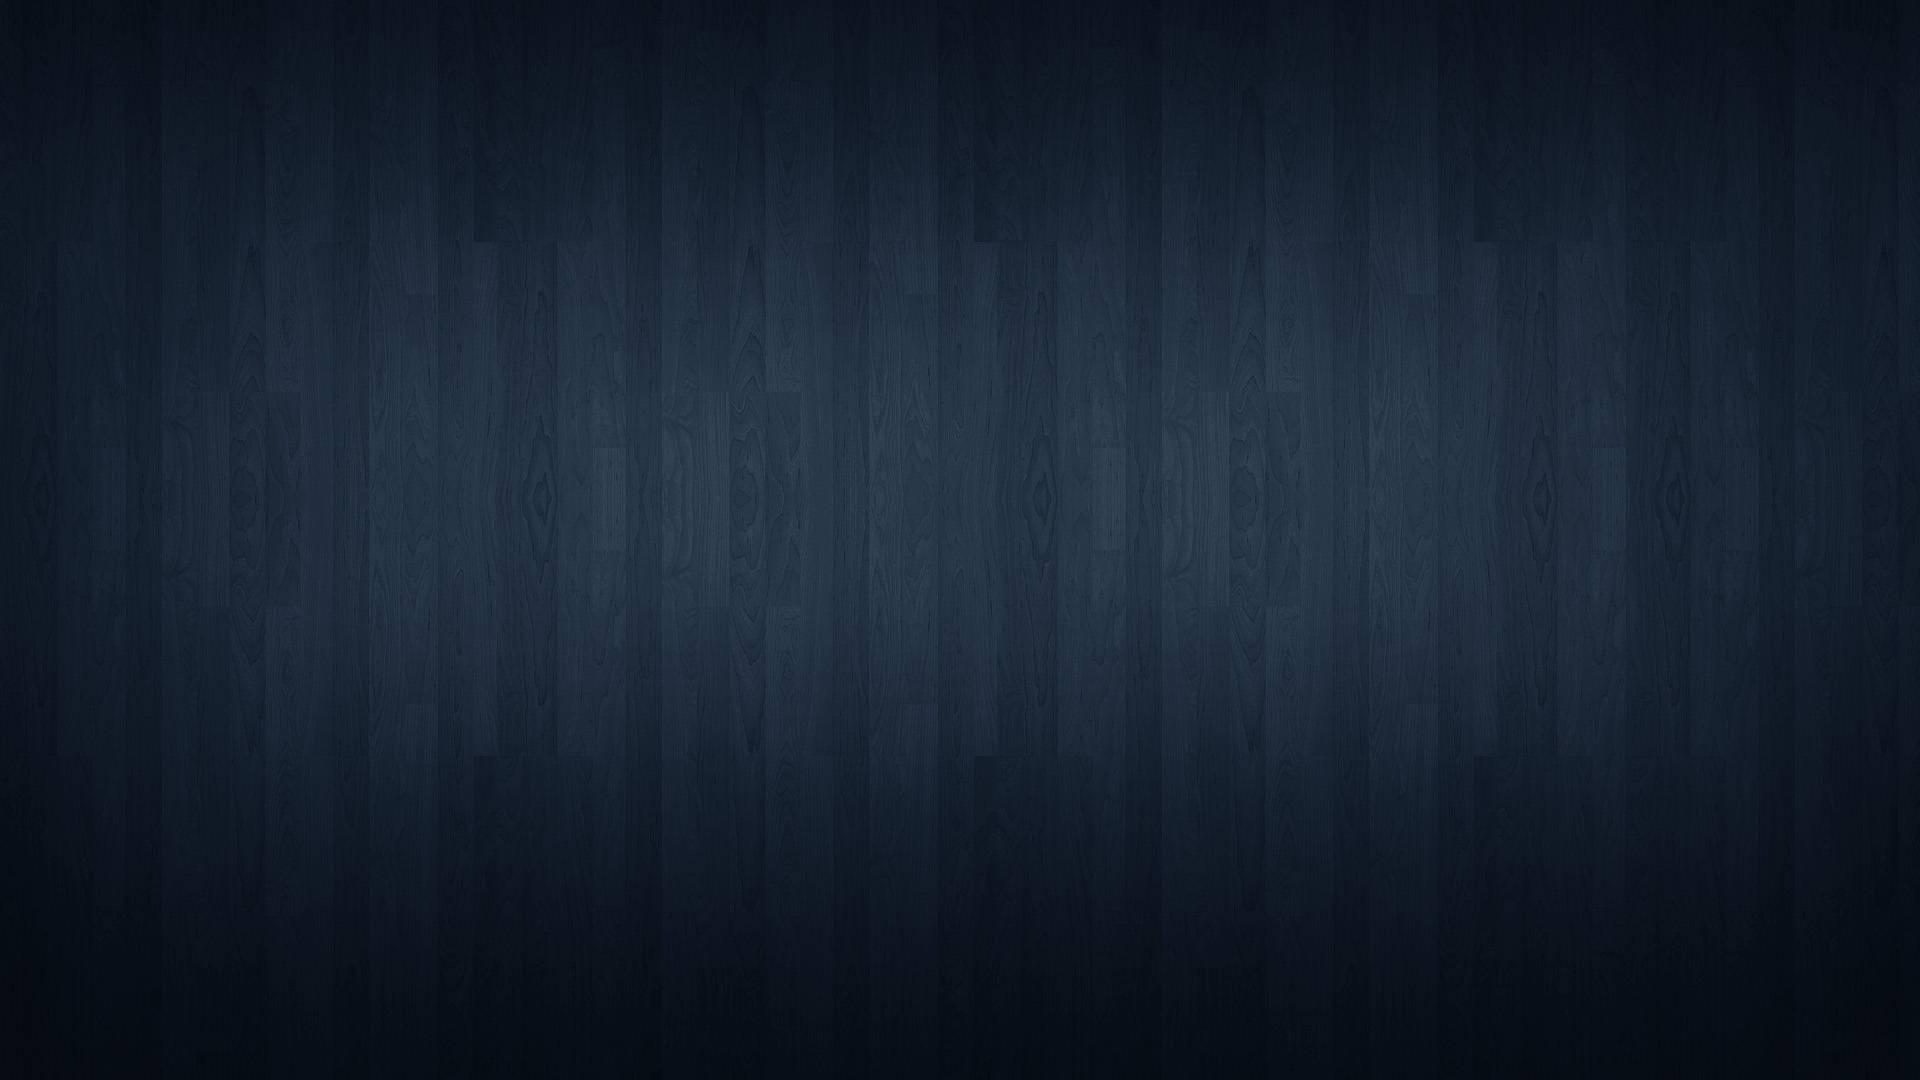 1920x1200 hd wallpaper dark wood - photo #11